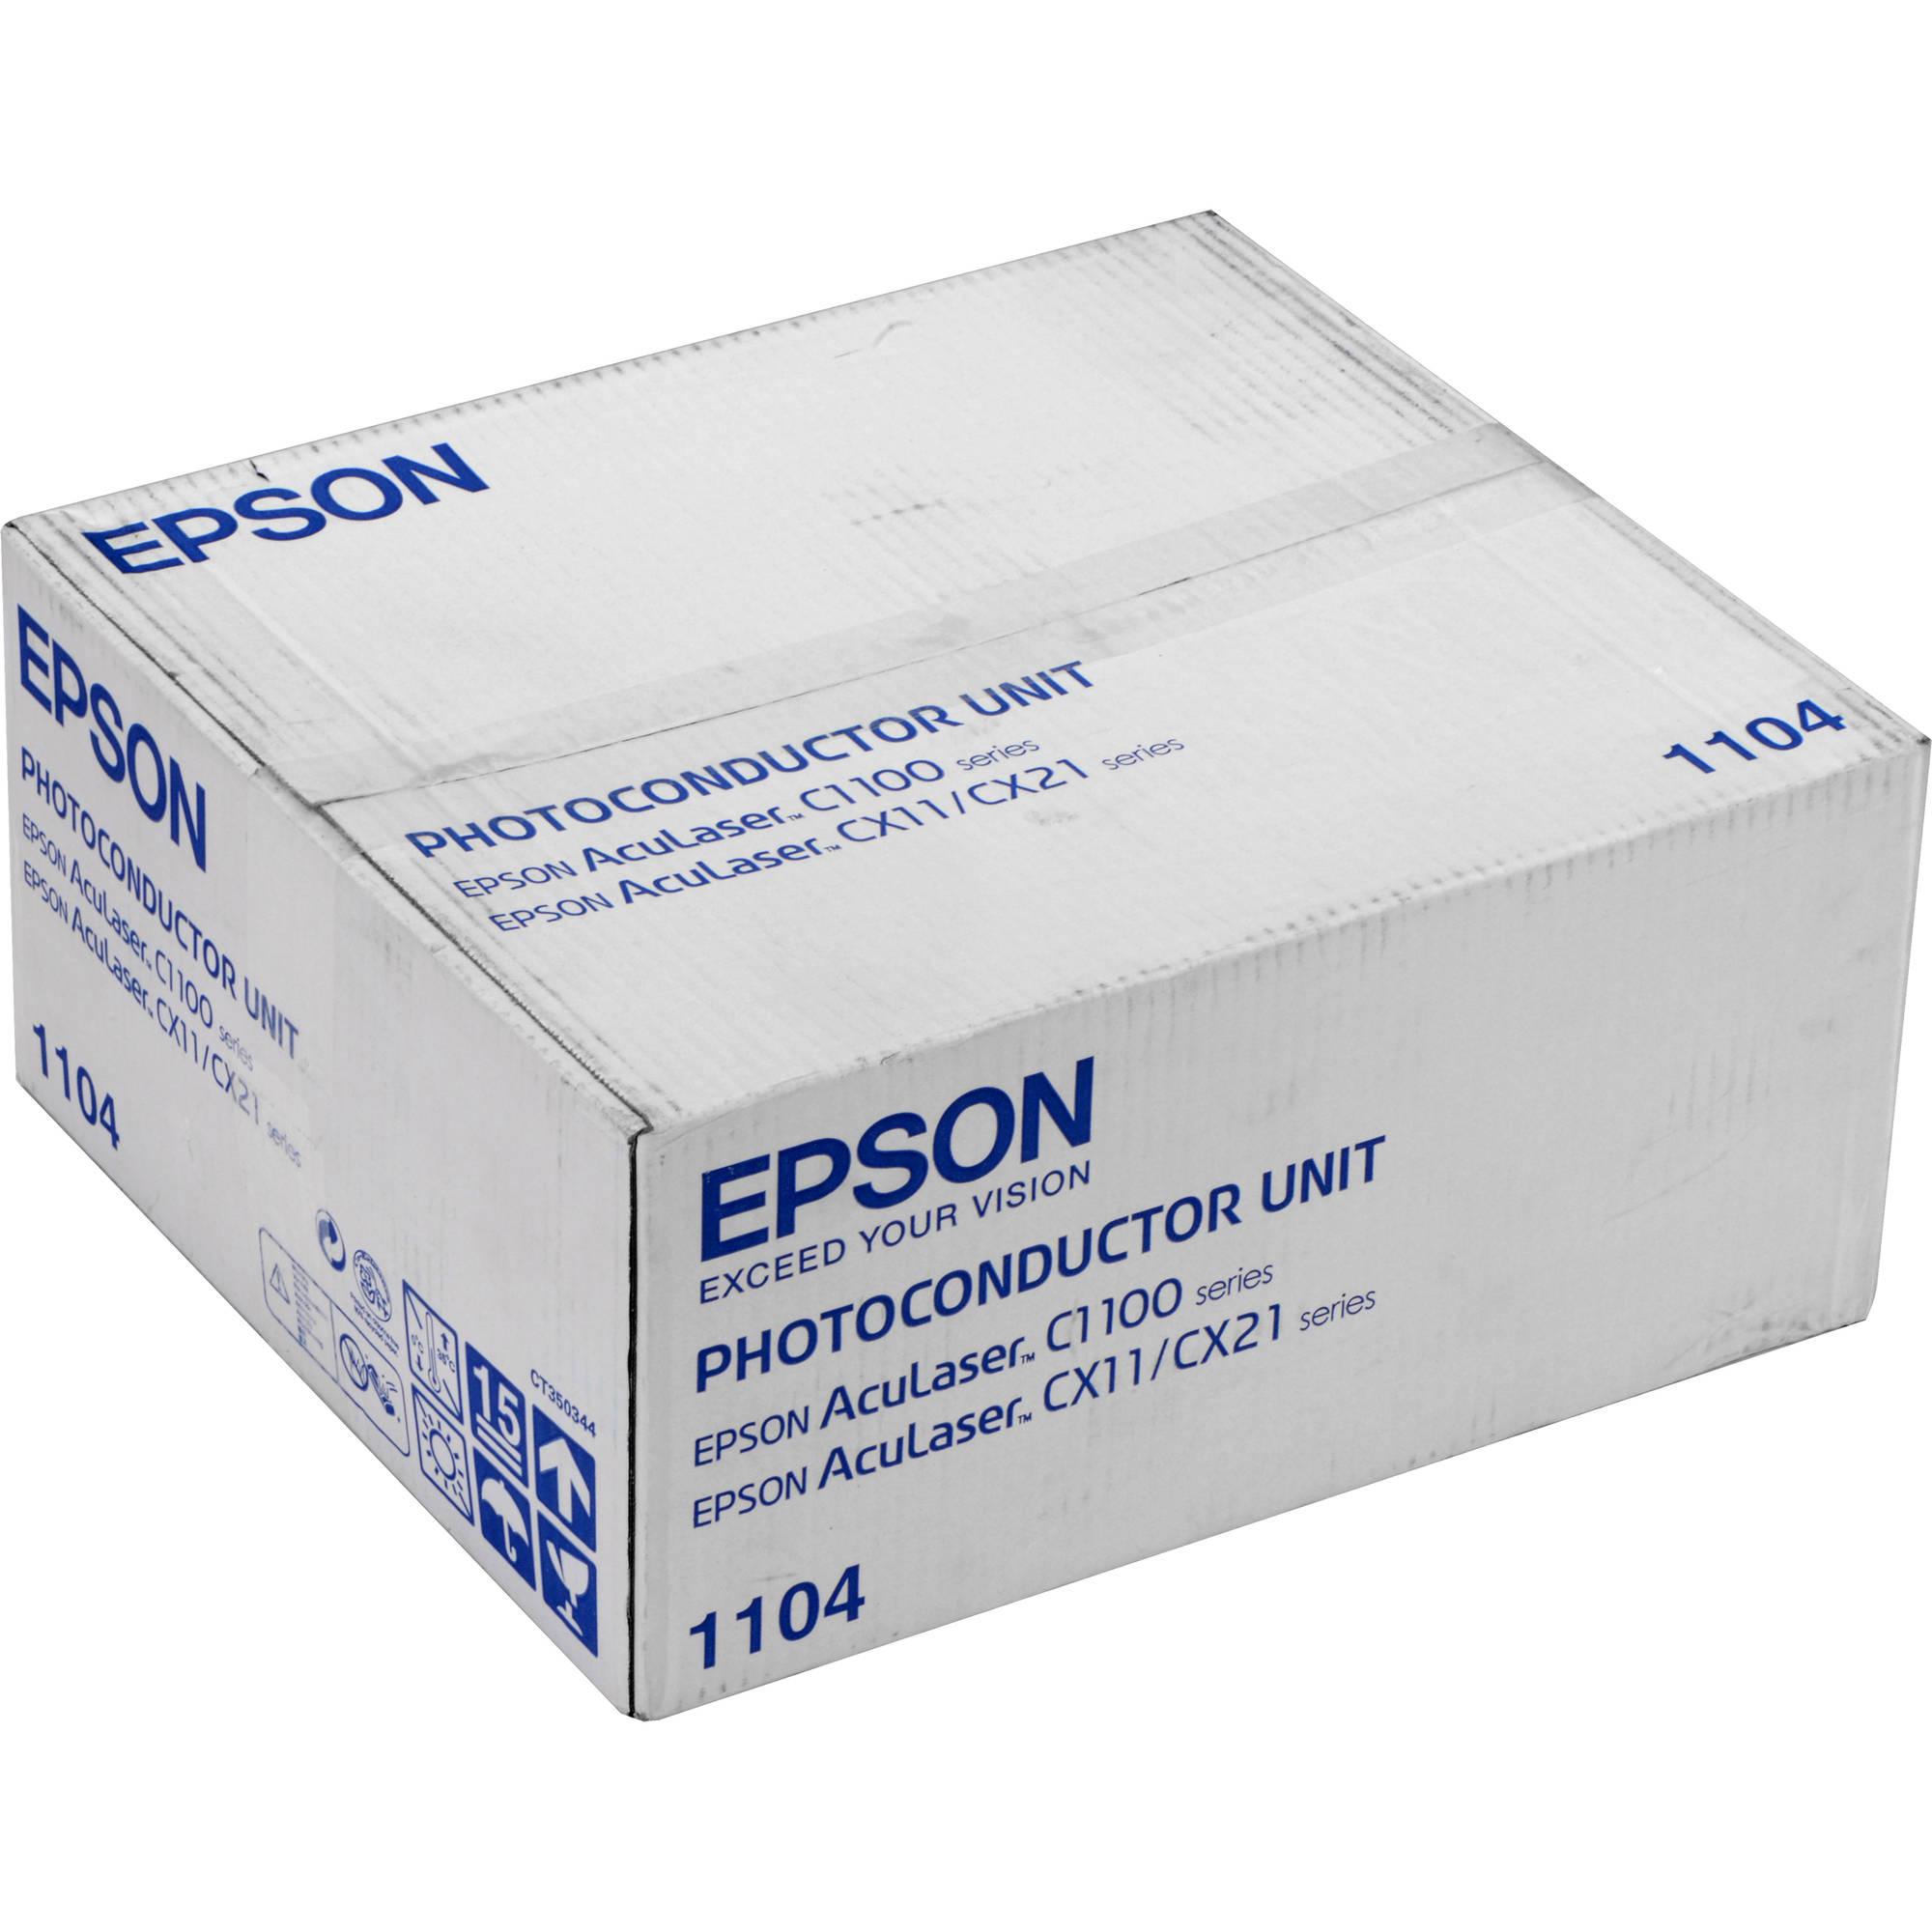 DRIVER FOR EPSON AL-CX11